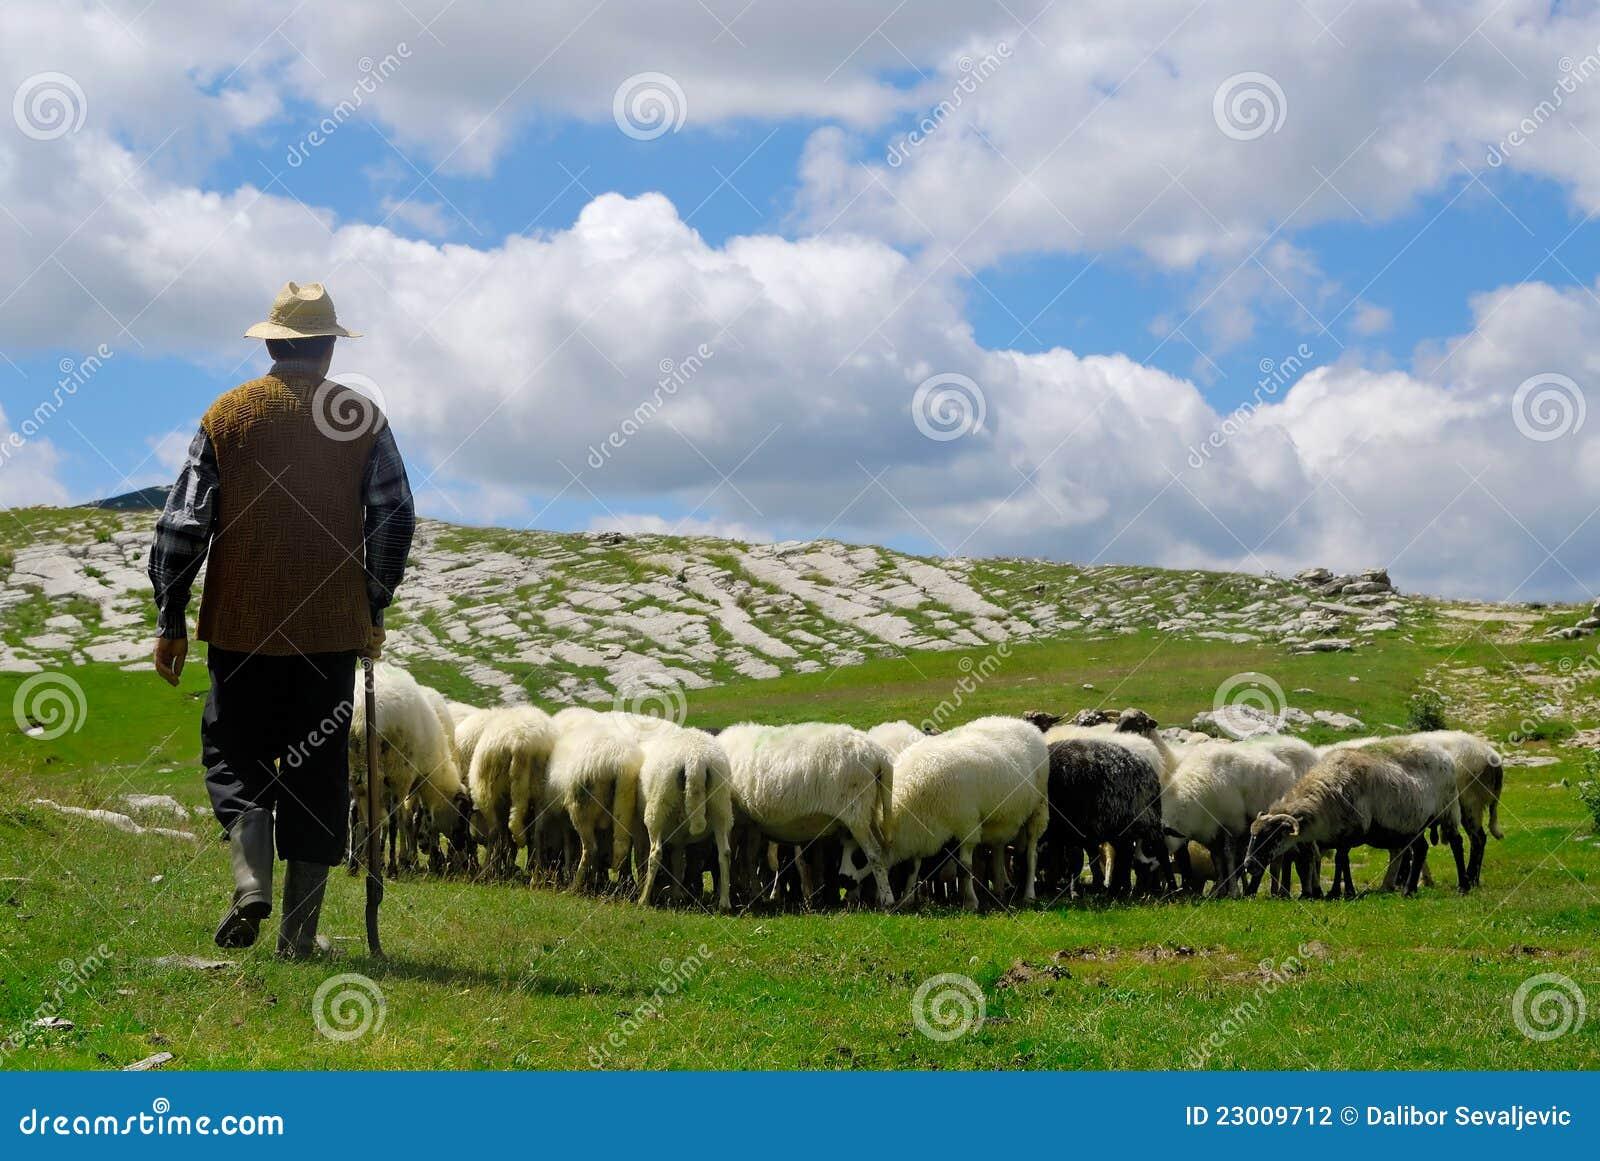 его чабан овец